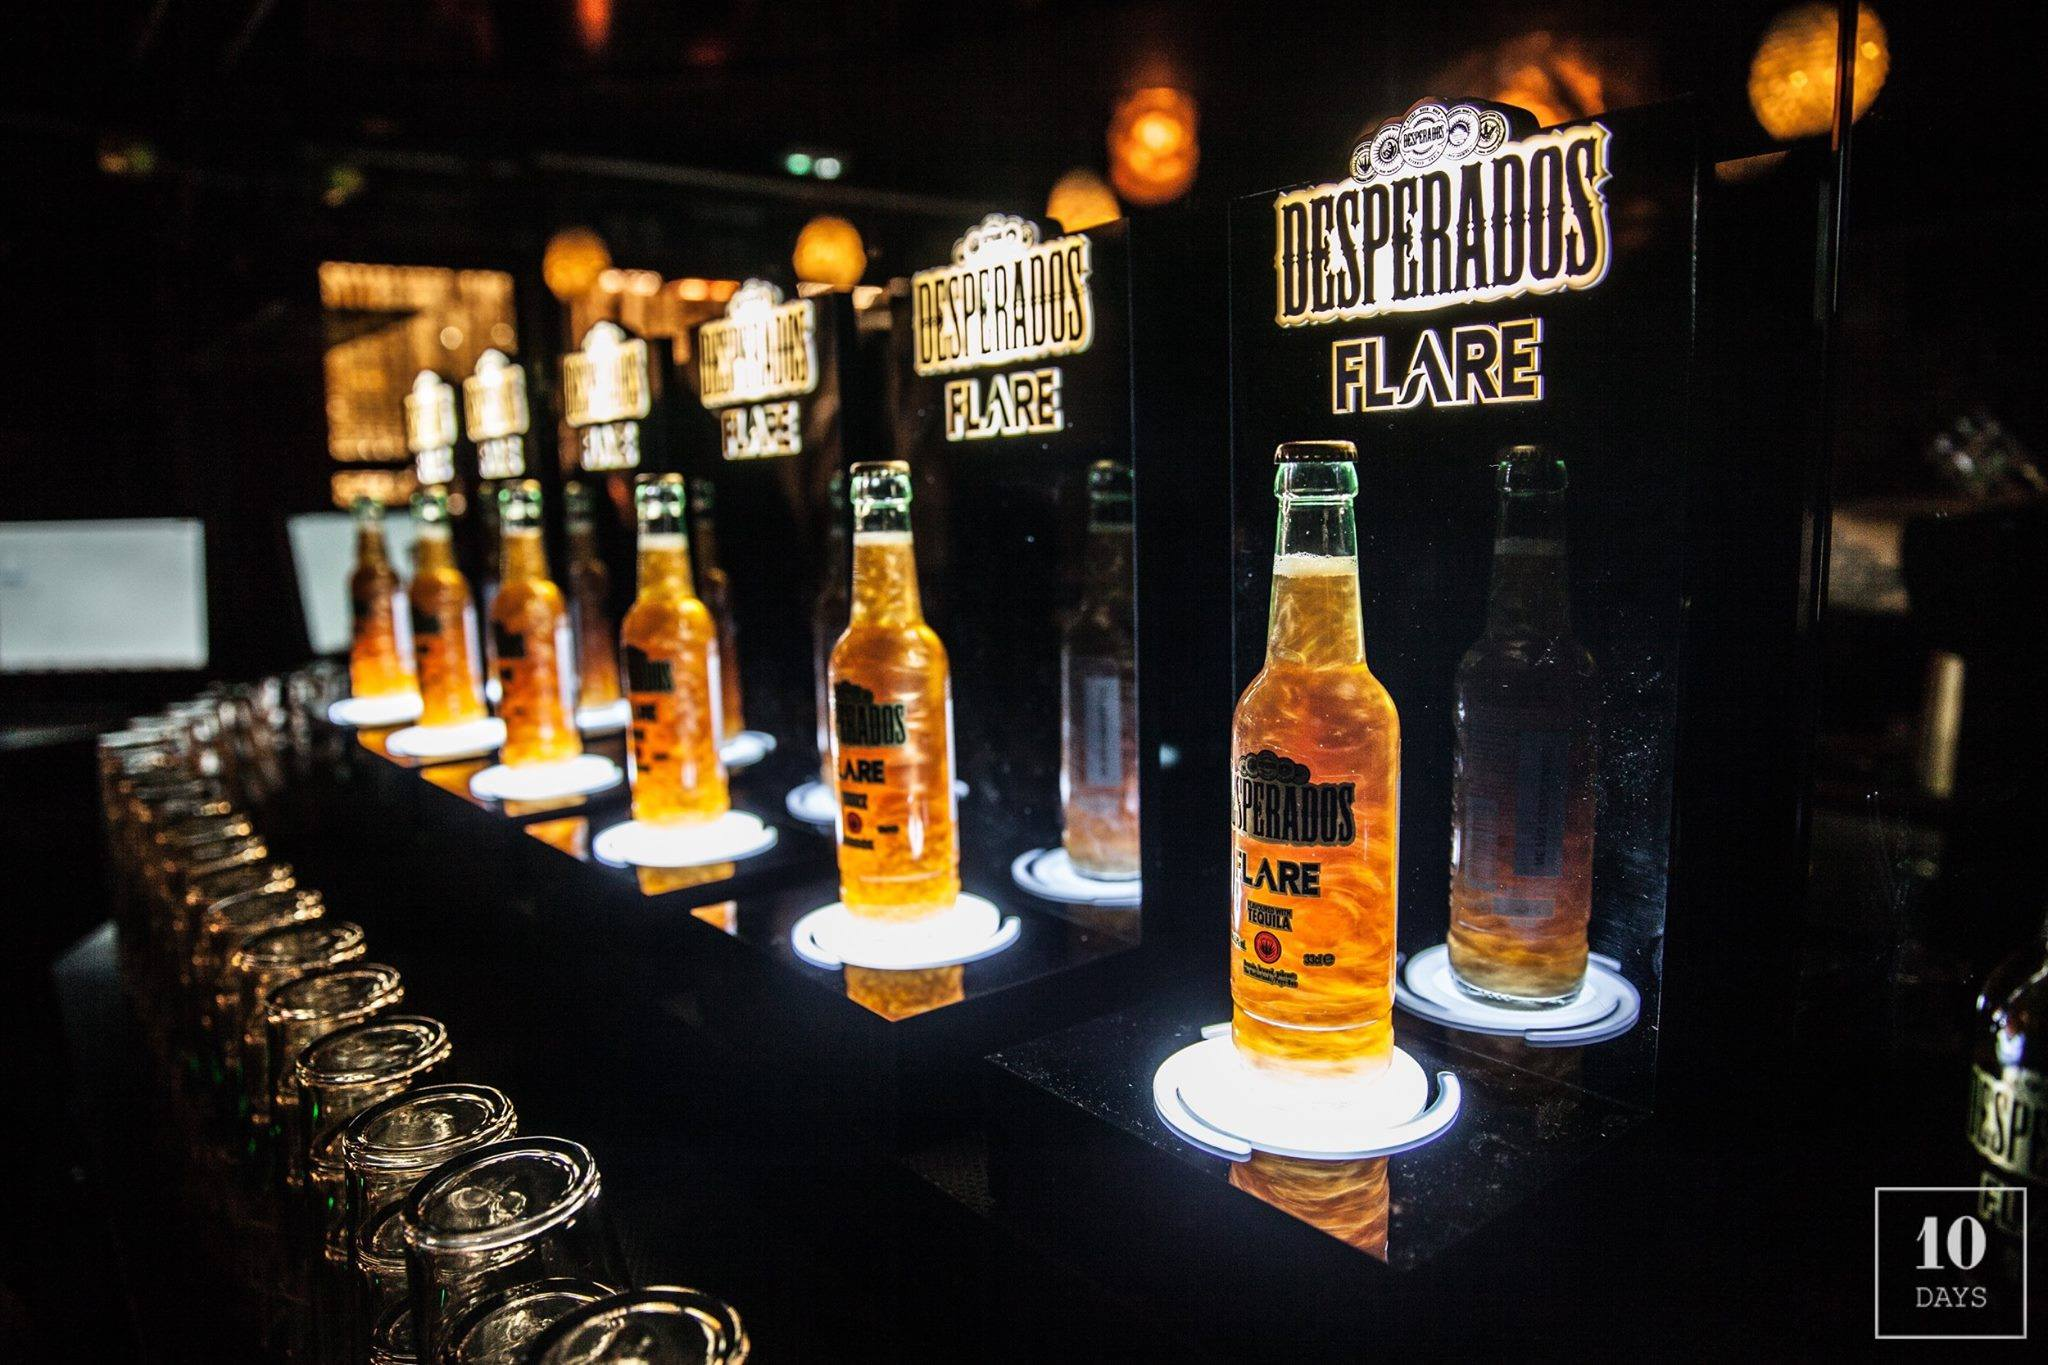 La bière de Desperados Flare !